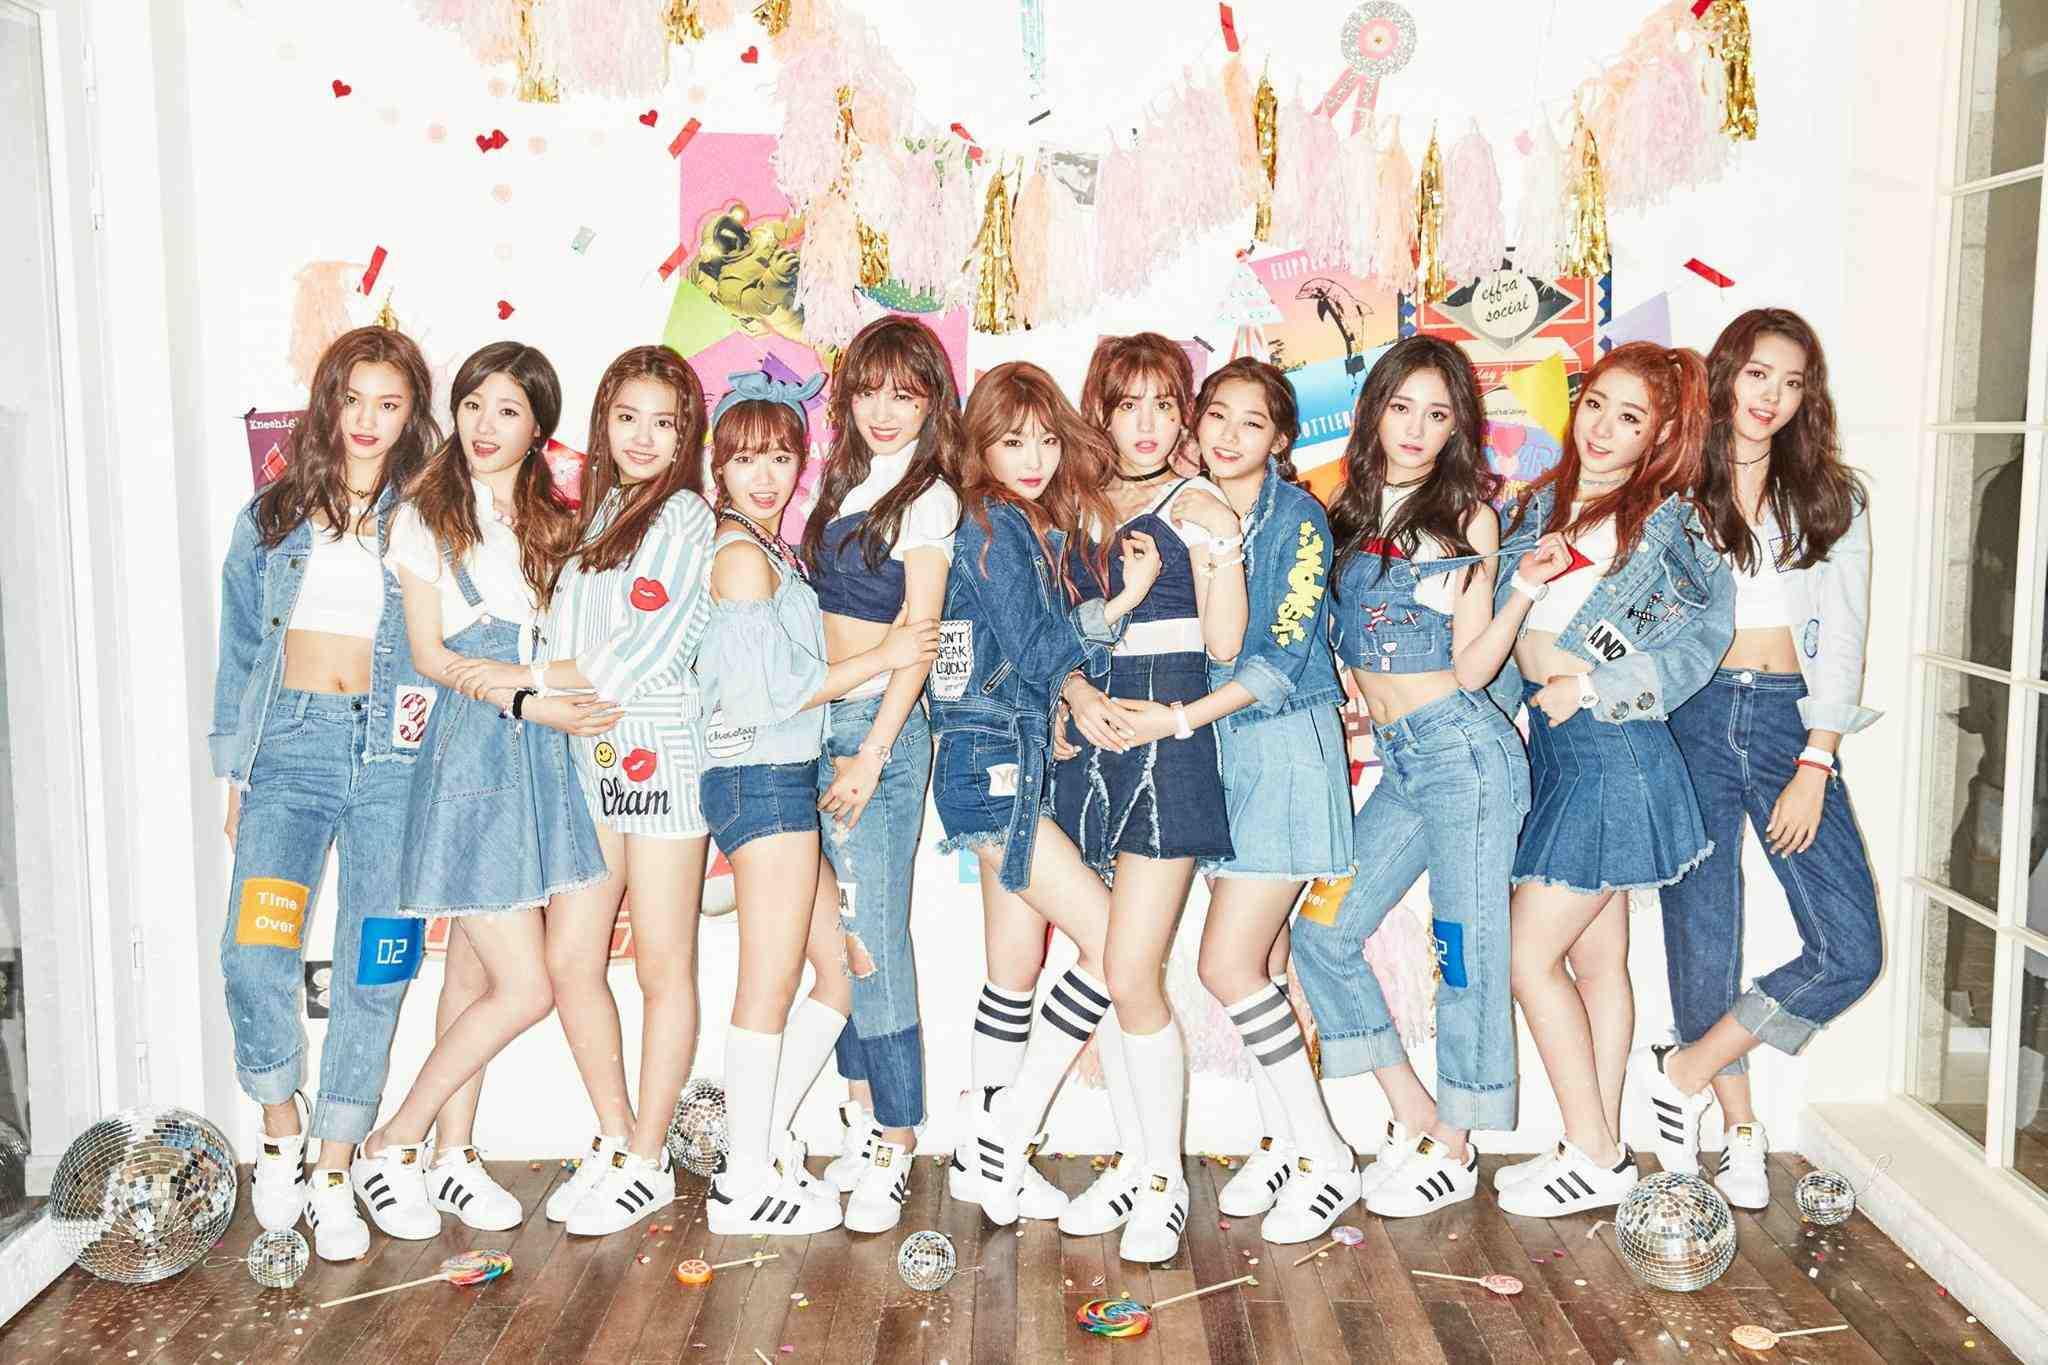 距離I.O.I解散剩下不到兩個月的時間,粉絲們都很希望看到更多成員們不同的表現阿~畢竟下一次要看到11位少女合體演出並不容易!